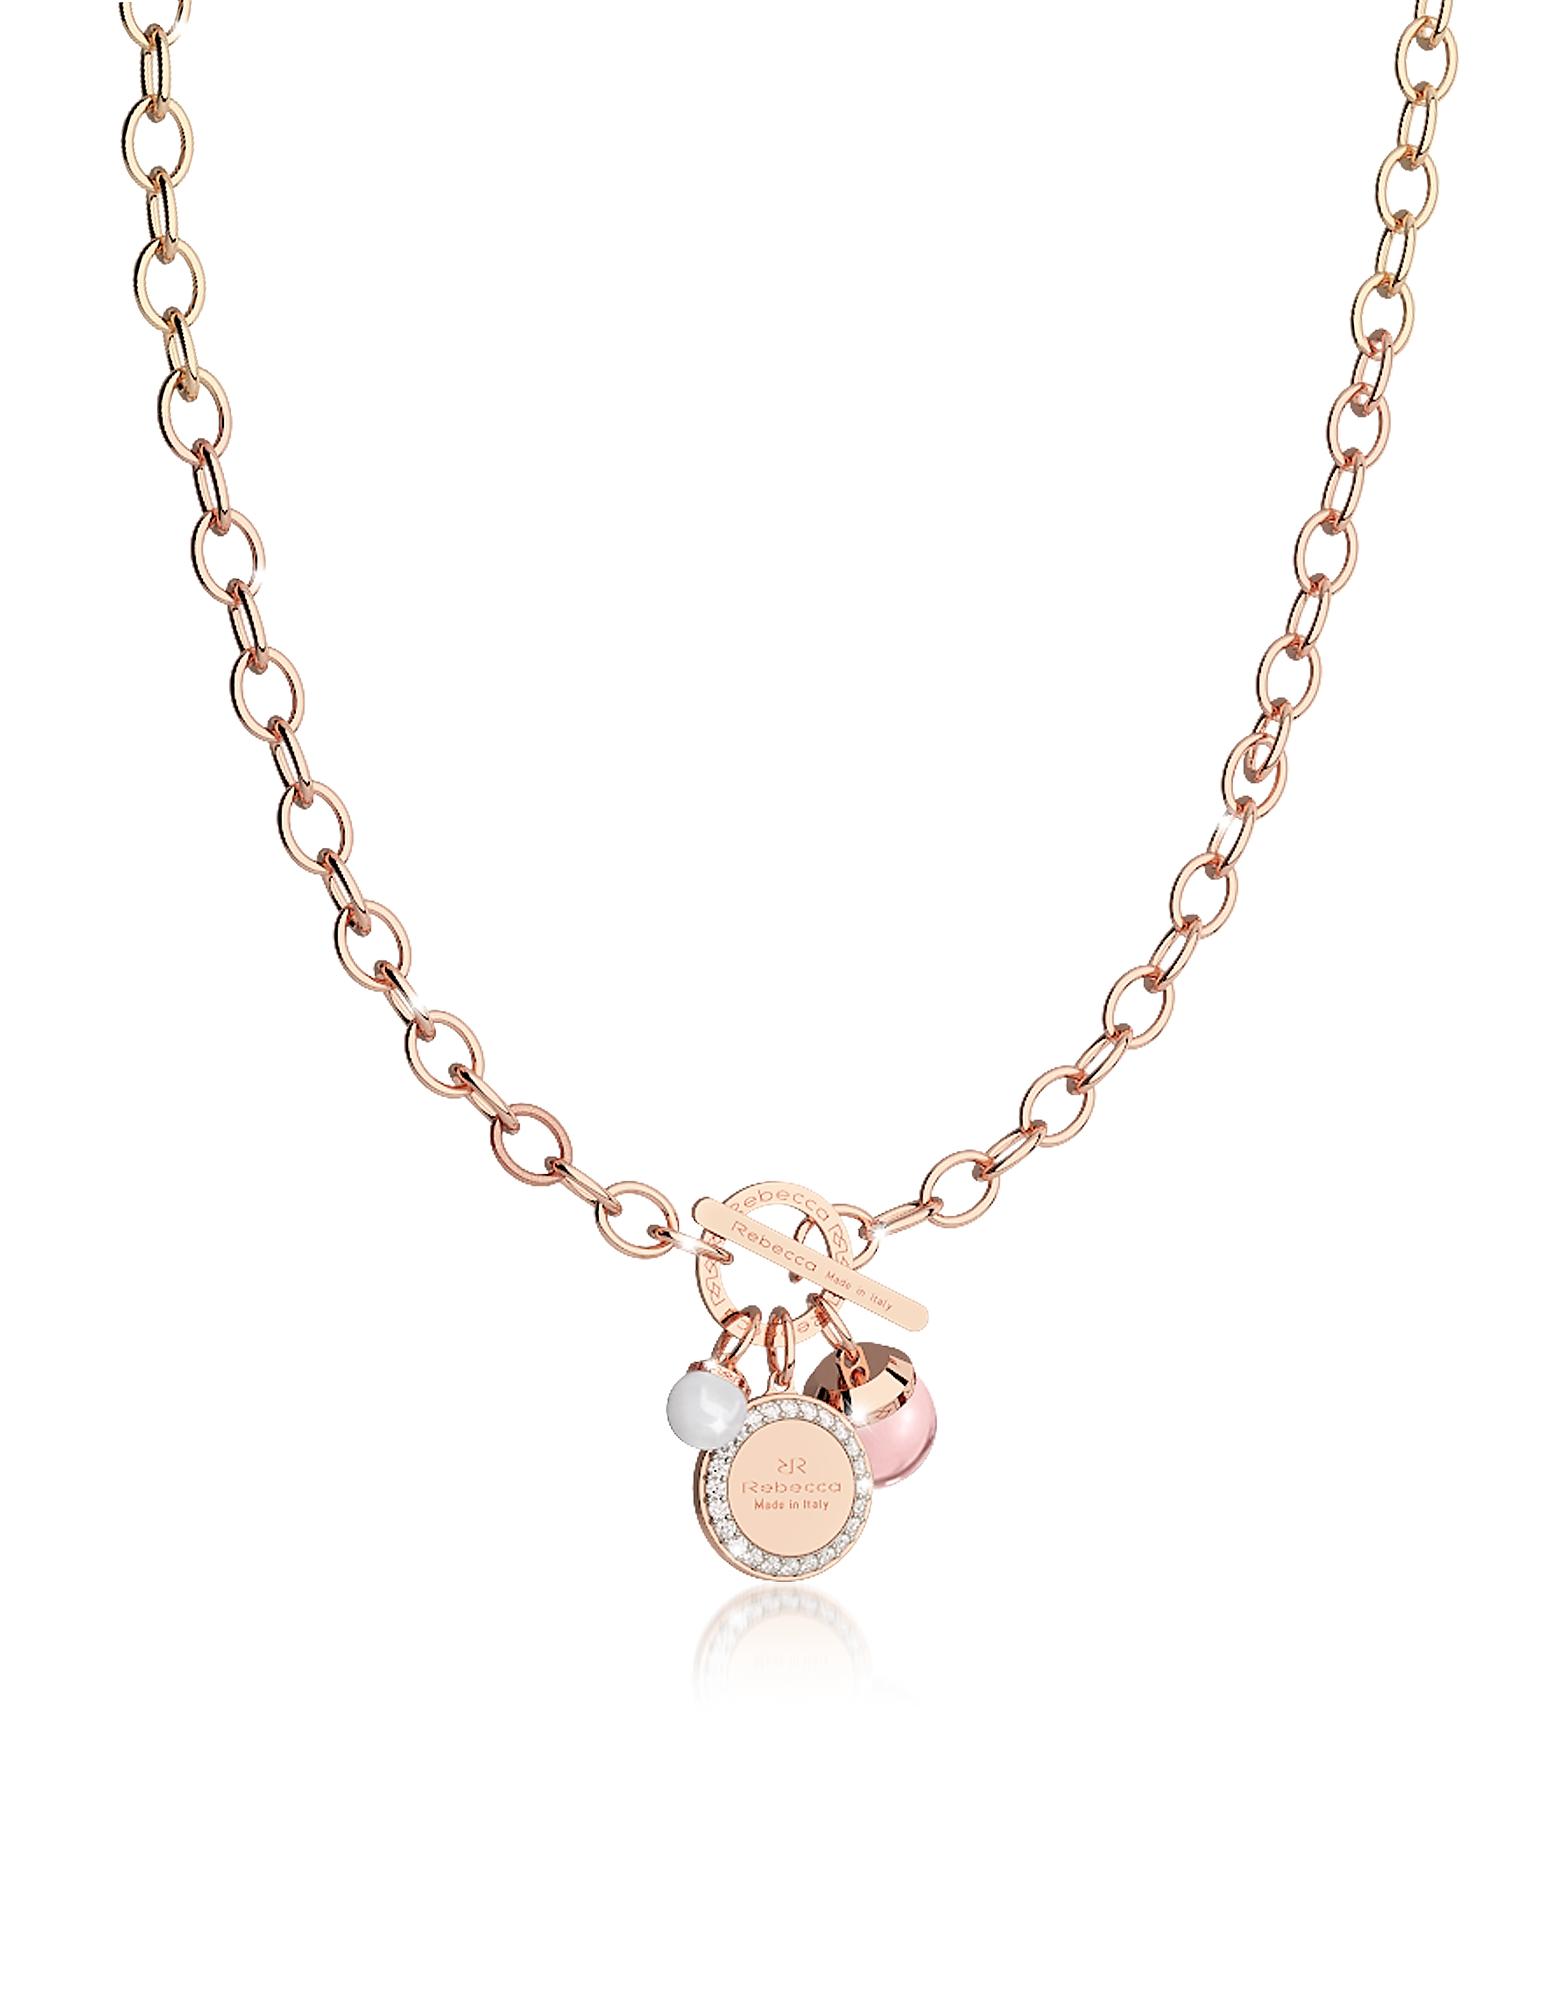 Hollywood Stone - Ожерелье из Бронзы с Напылением Розового Золота, Розовым Гидротермальным Камнем и Стеклянной Жемчужиной